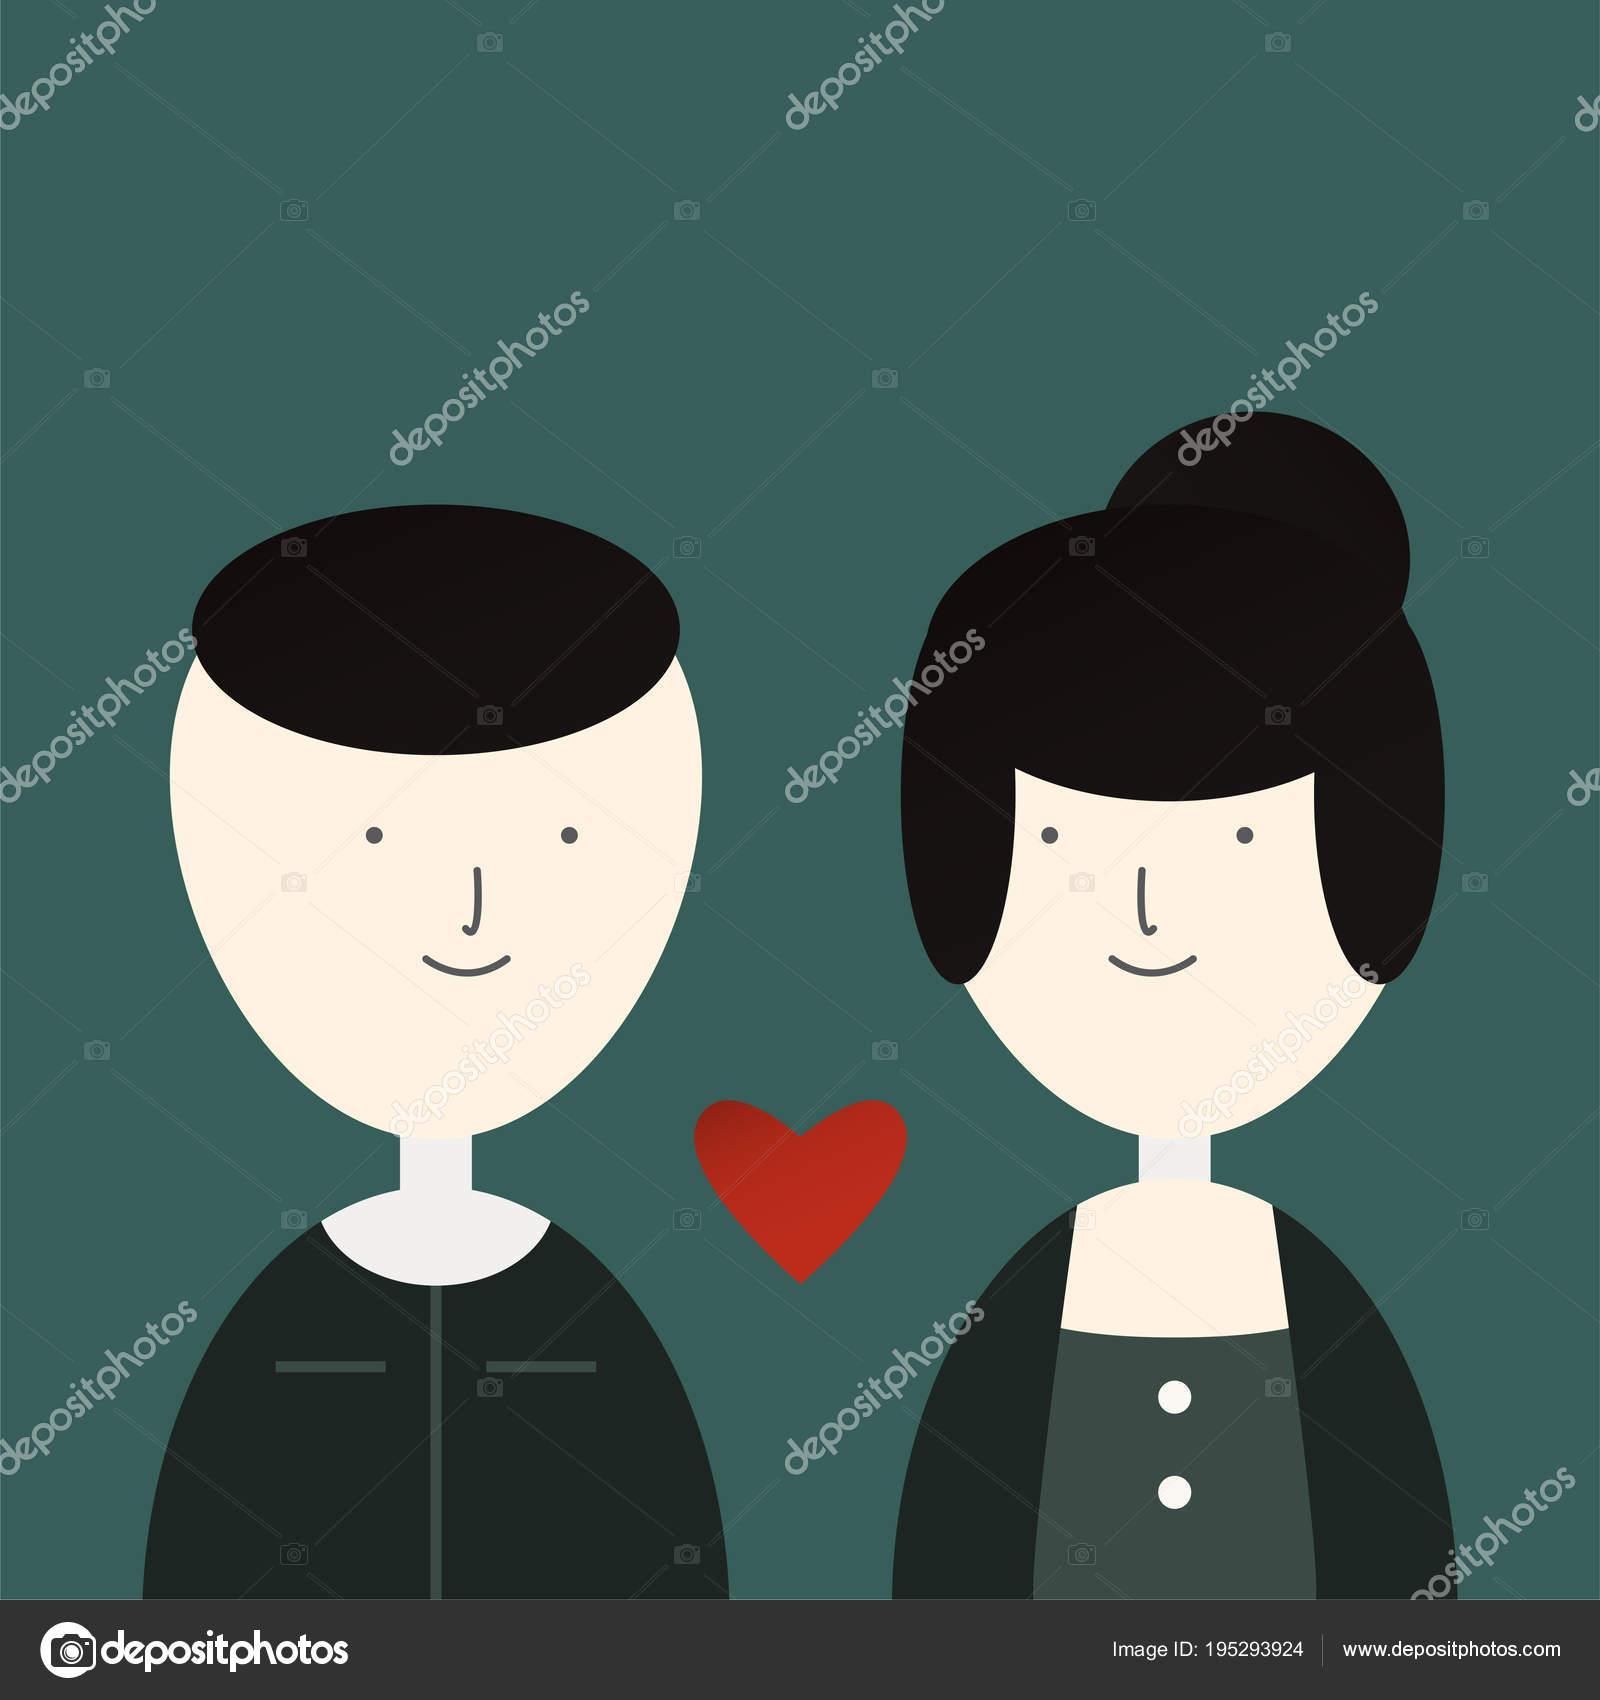 randki tajskie szczęśliwa dziewczyna randkowa